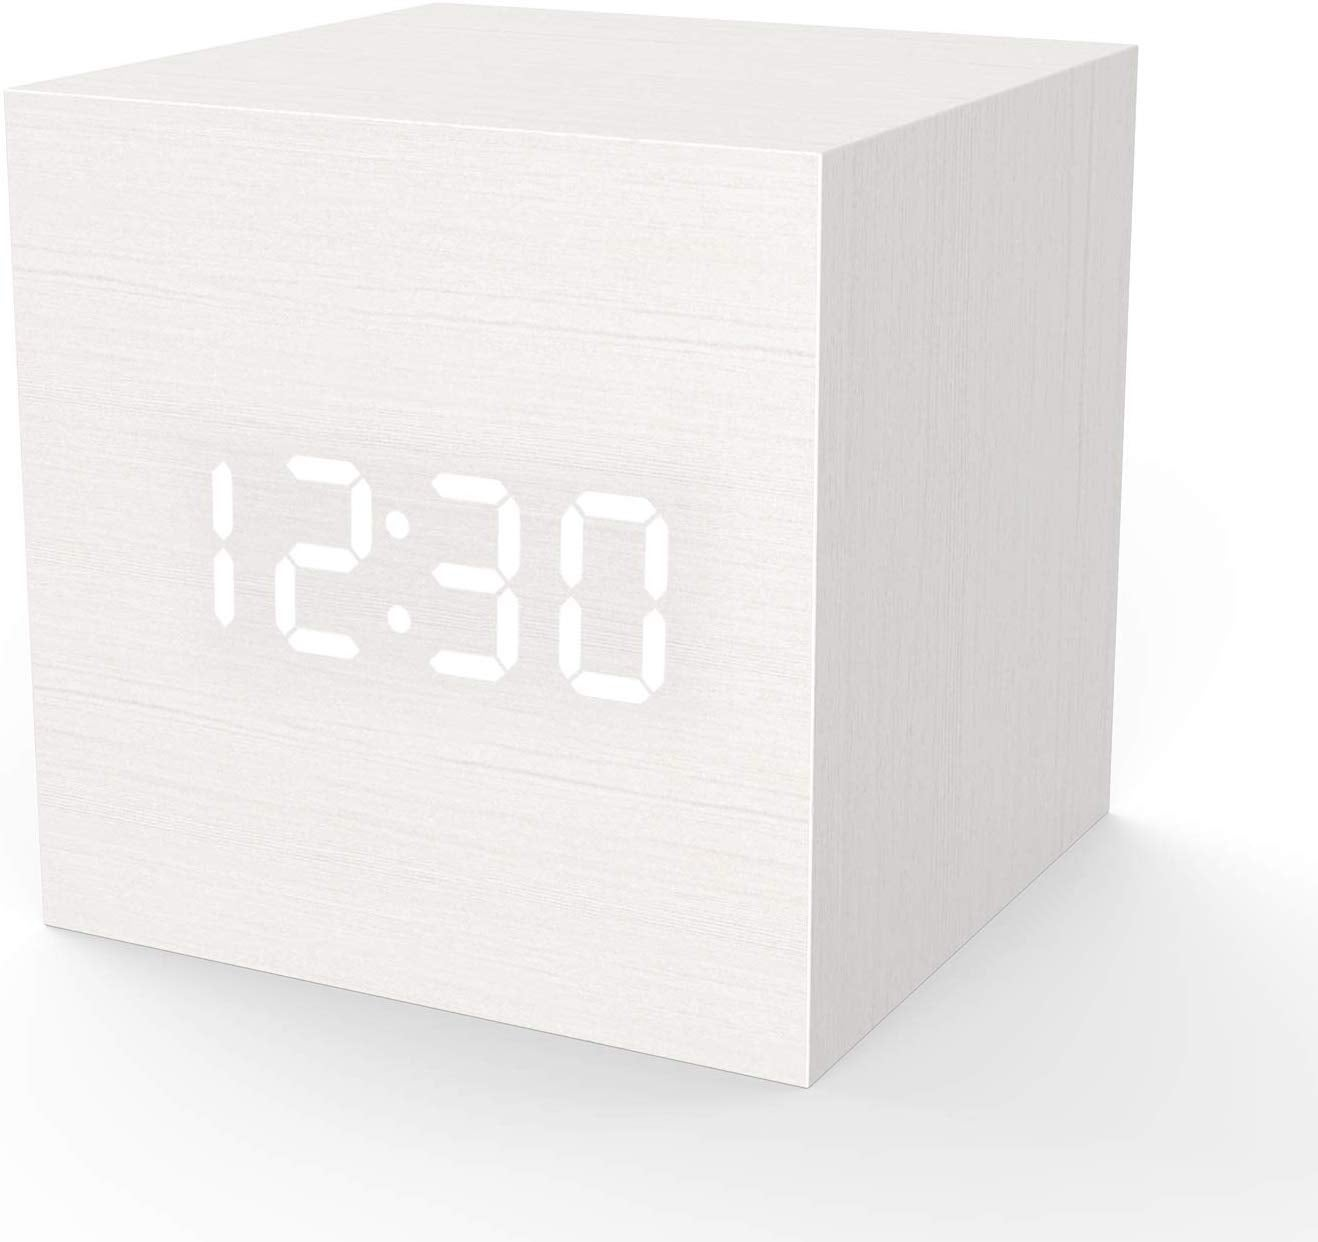 Wooden Digital Alarm Clock Cube